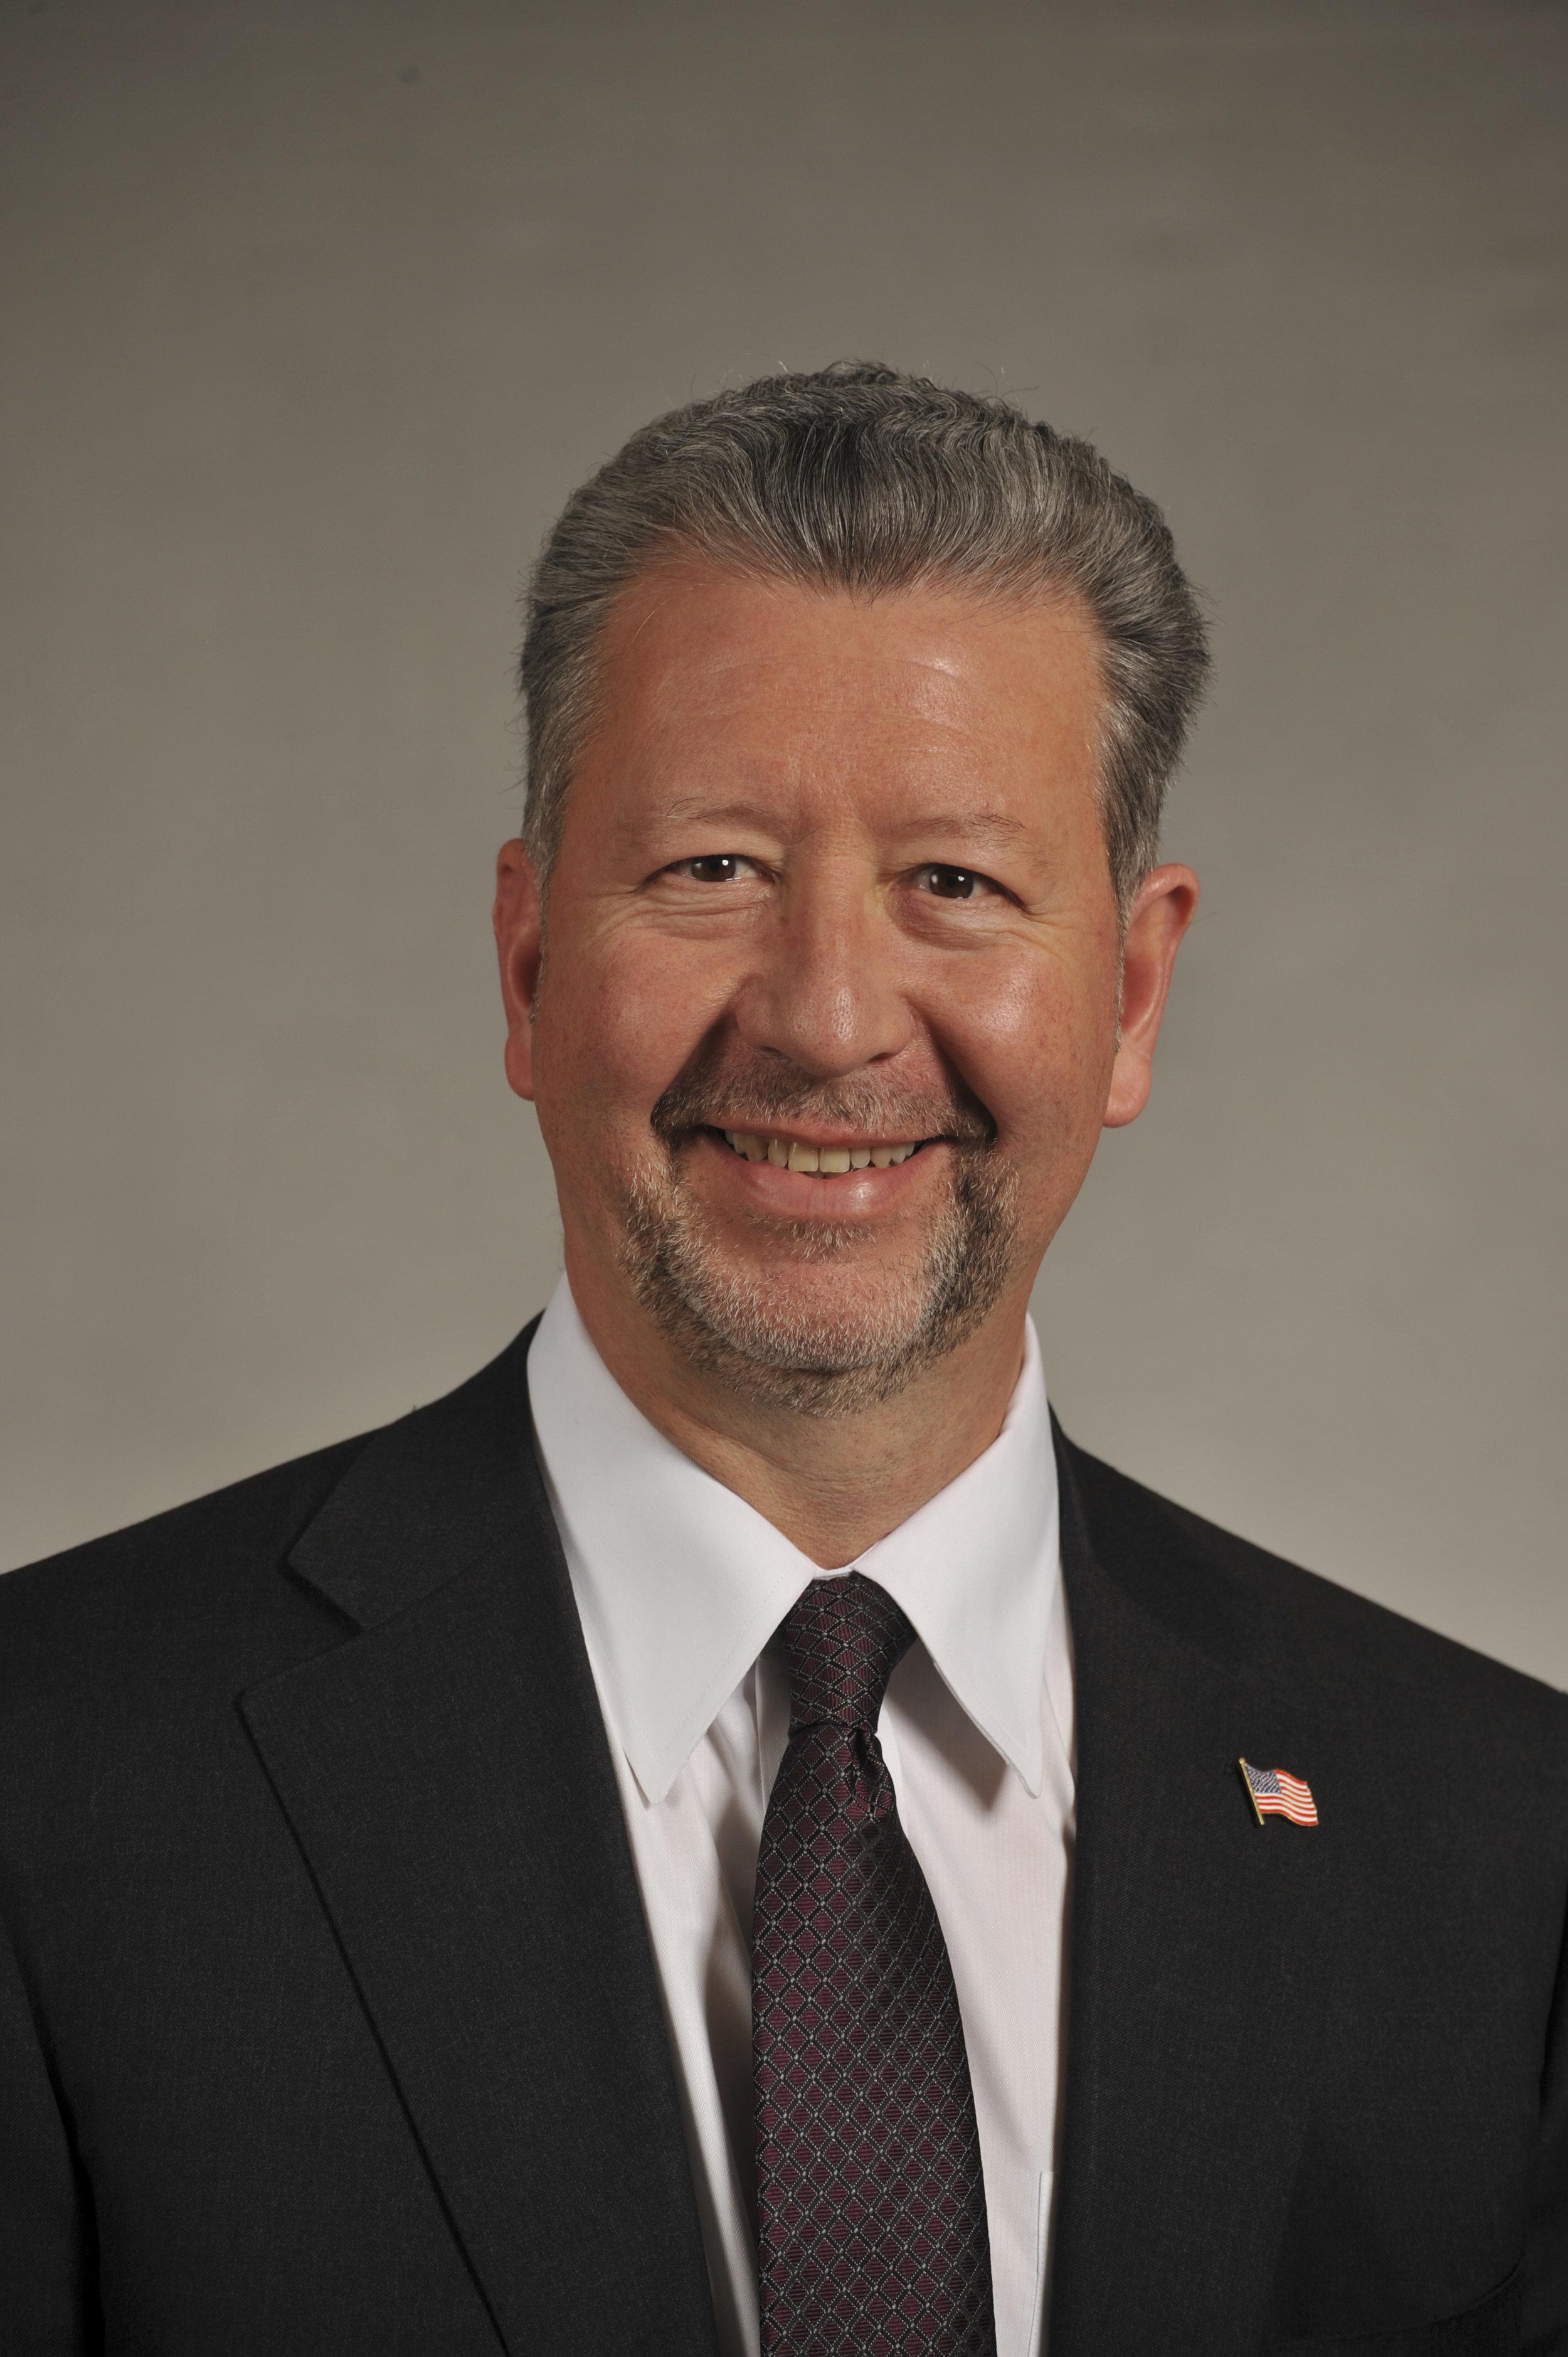 Tony Panagiotu